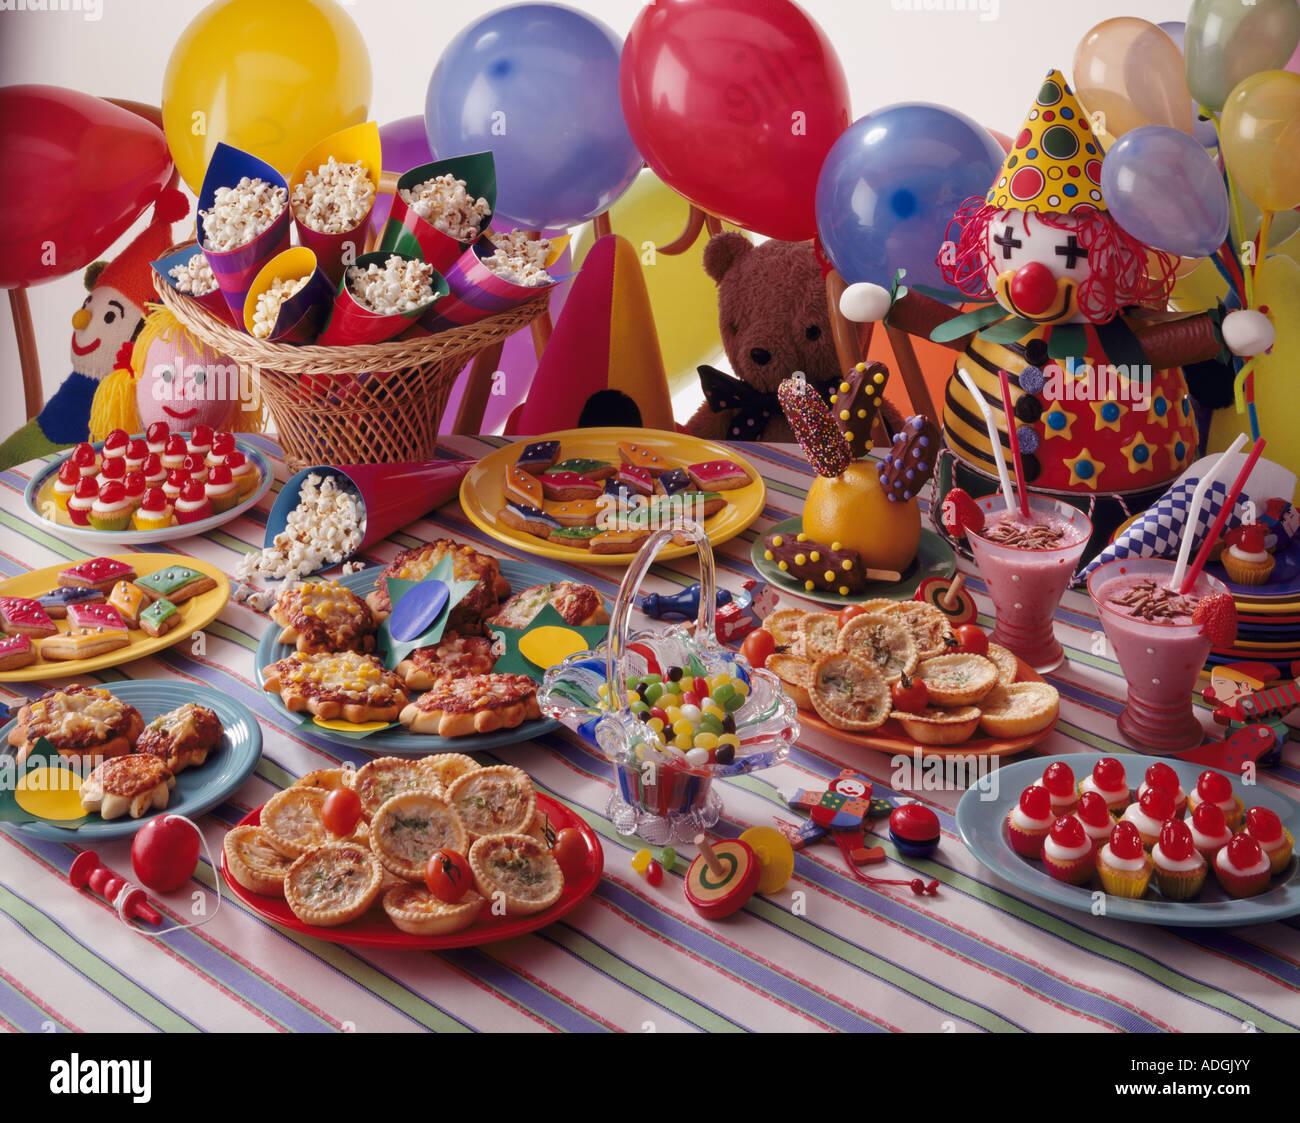 Kinder Party Essen Clown Kuchen Mini Quiche Pizza Muffins Erdbeer